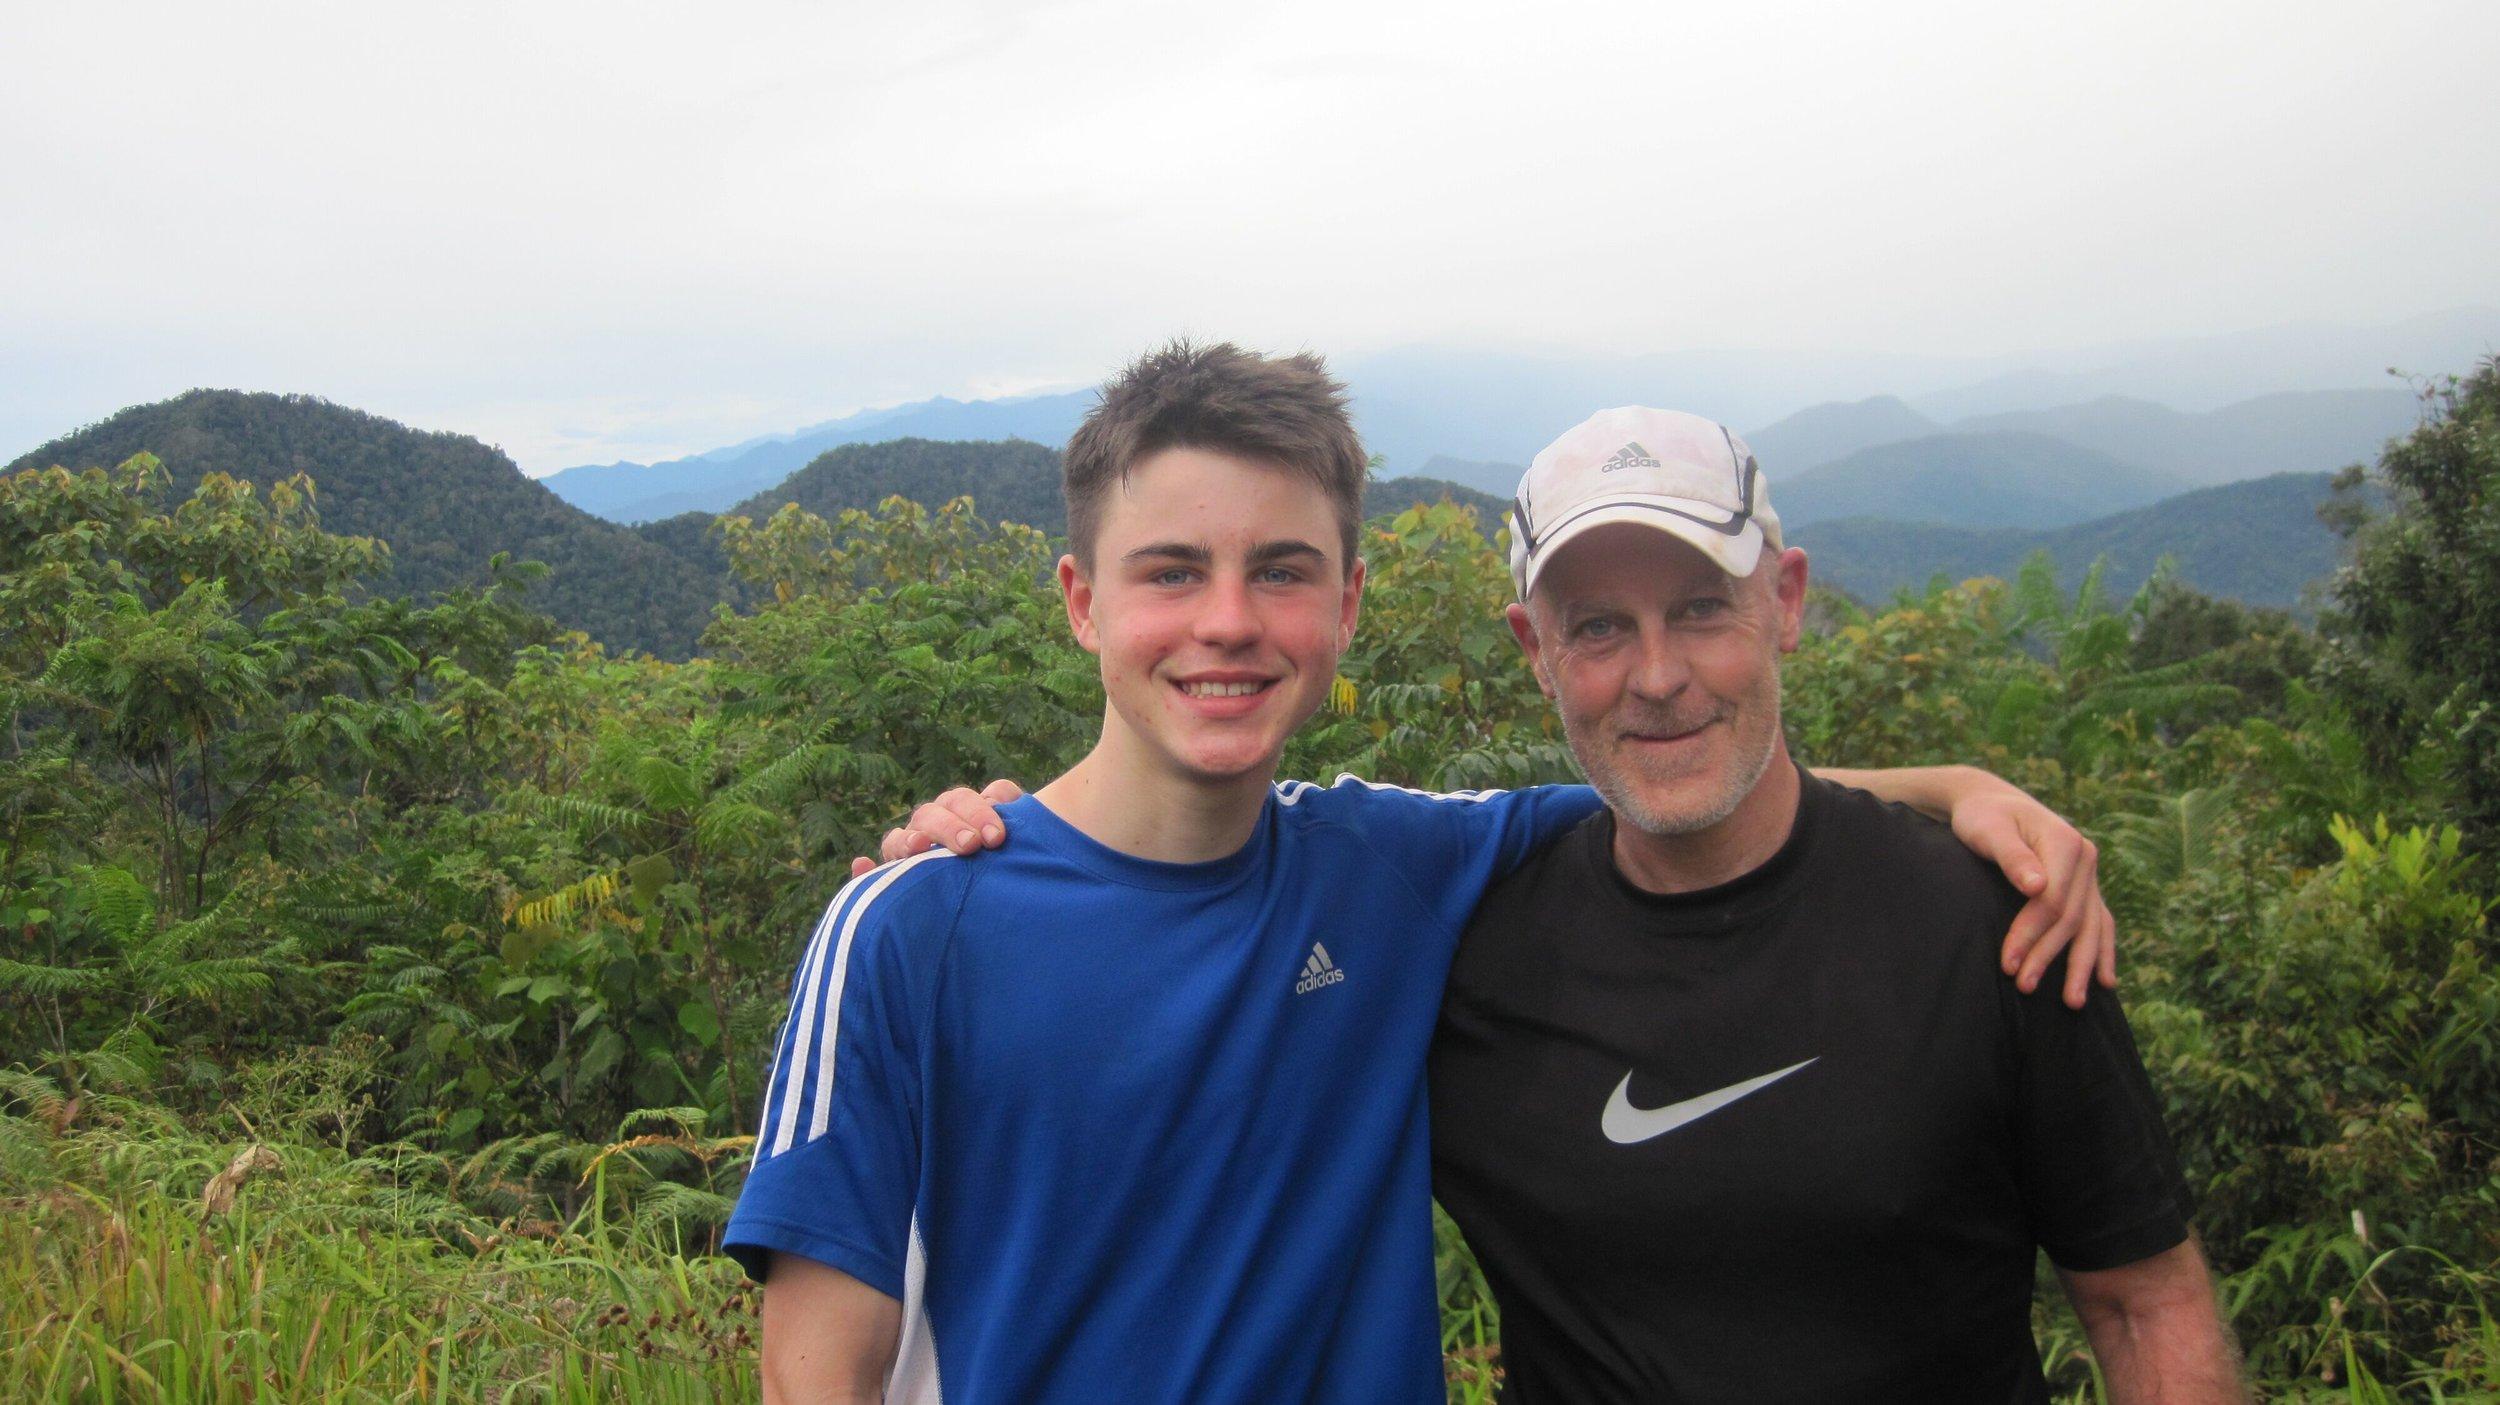 Tony Palmer and his son Jacob at Kokoda, June 2018.